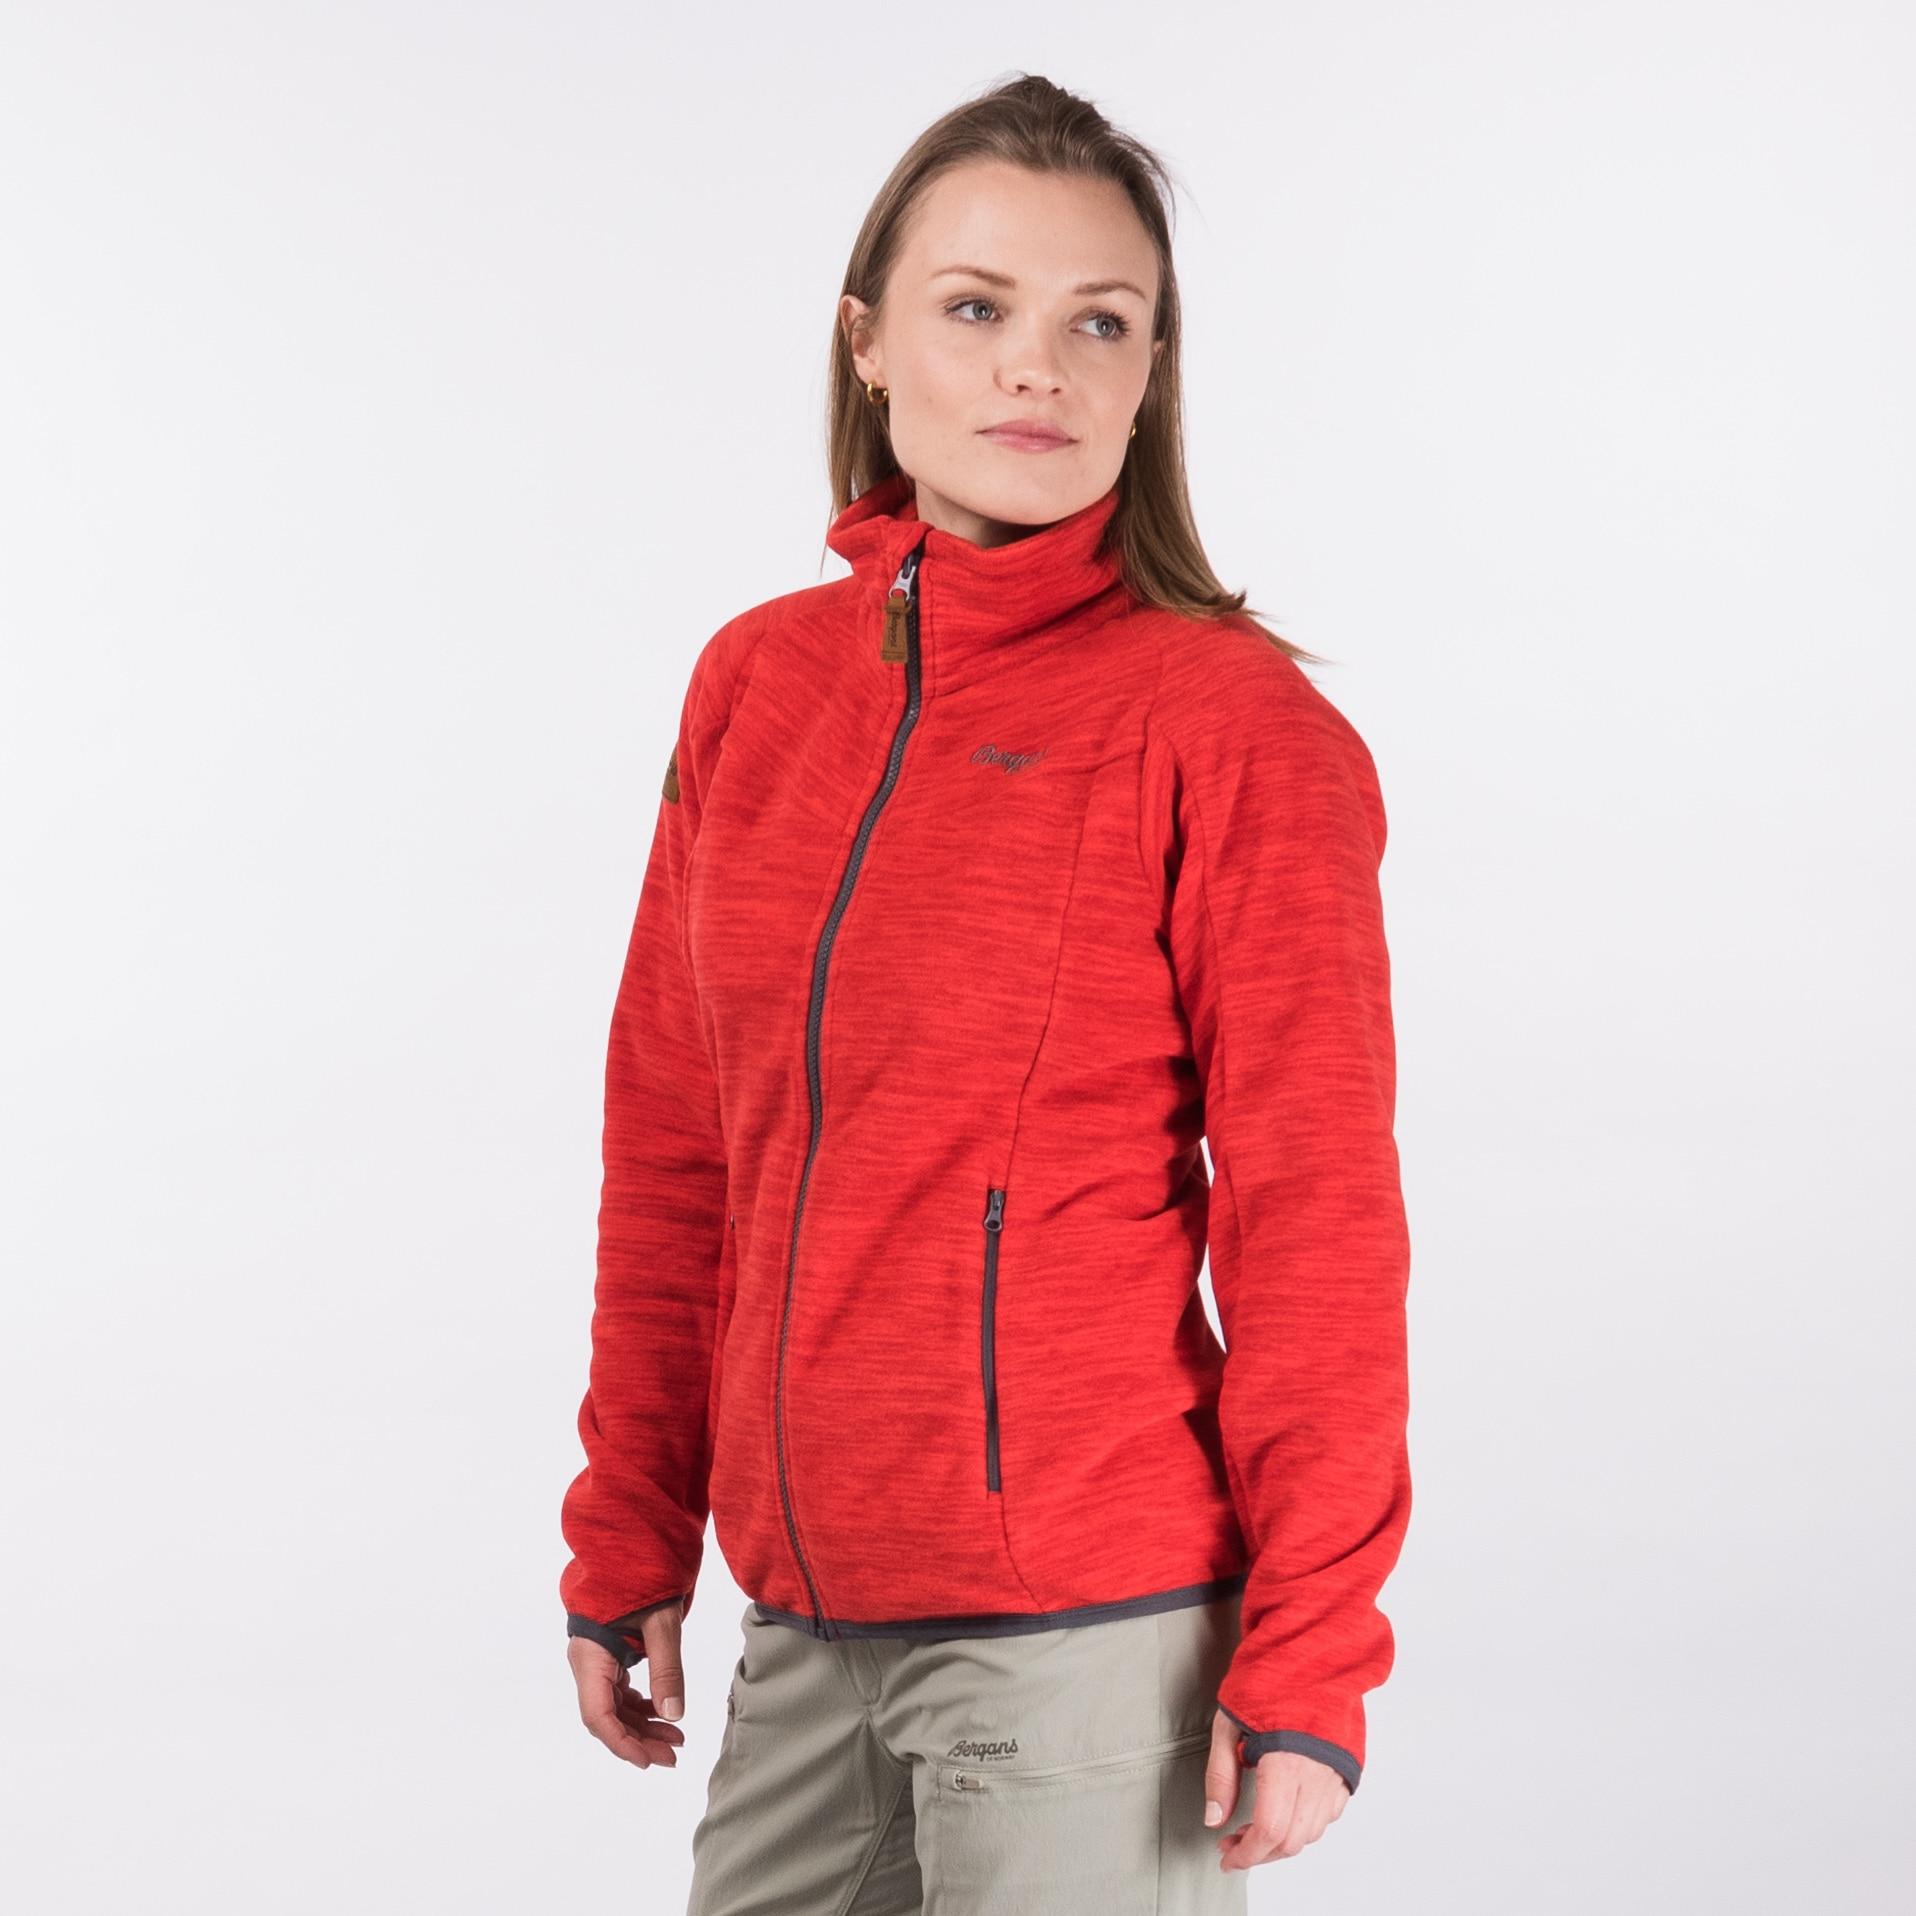 Hareid Fleece W Jacket NoHood